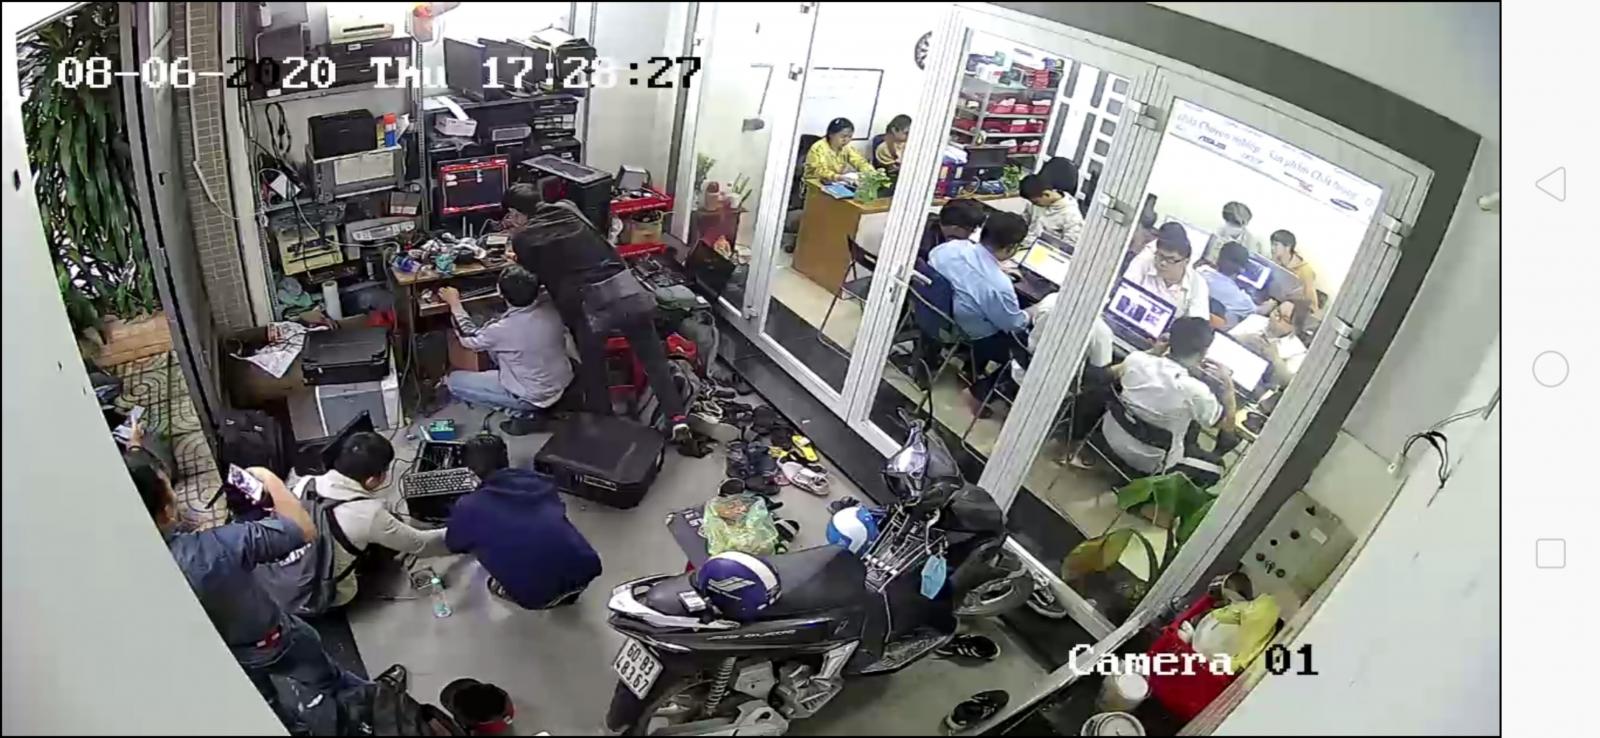 Công Ty Dịch Vụ Bảo Trì Máy Tính Tận Nơi Quận 11 Uy Tín Nhanh